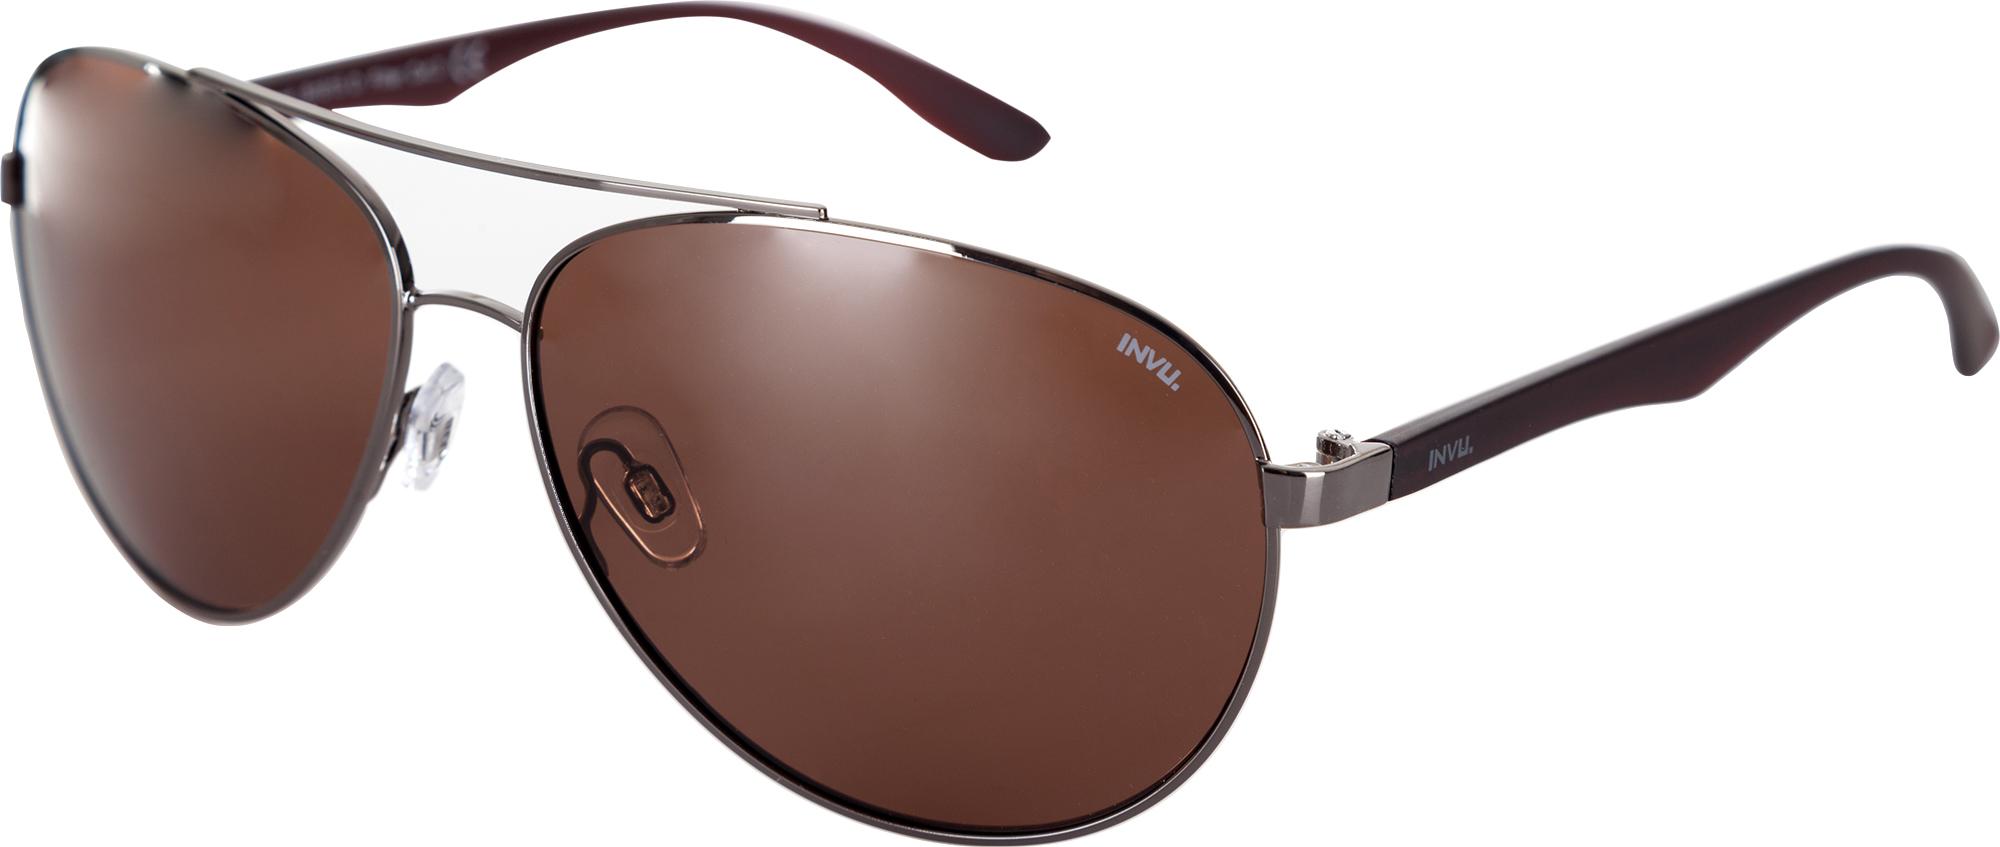 купить Invu Солнцезащитные очки мужские Invu по цене 2029 рублей